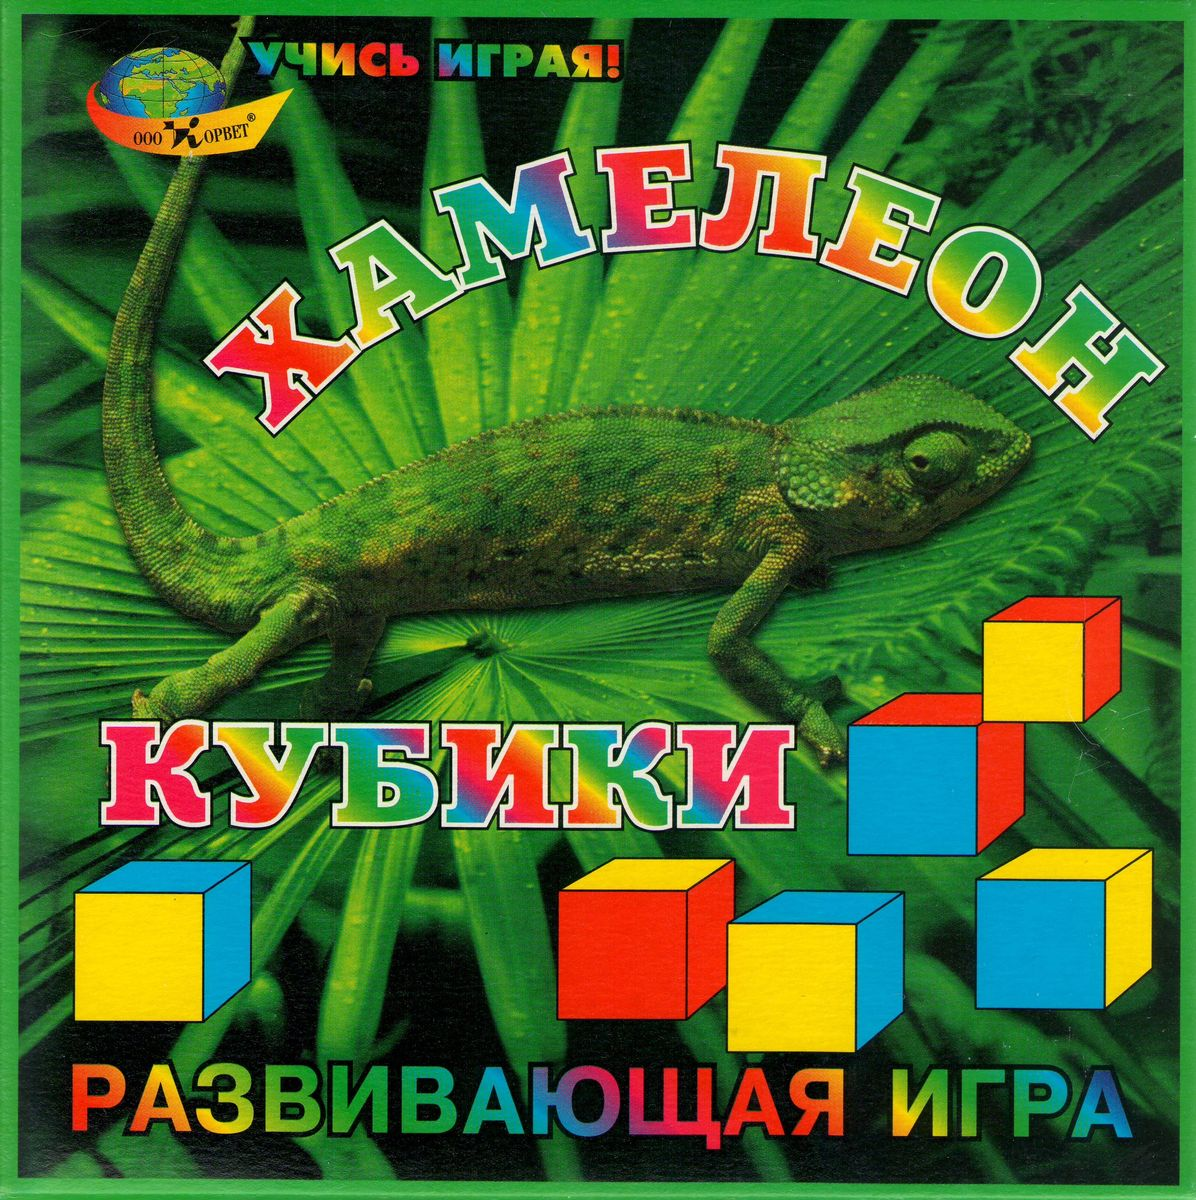 Корвет Обучающая игра Кубики Хамелеон корвет обучающая игра уникуб